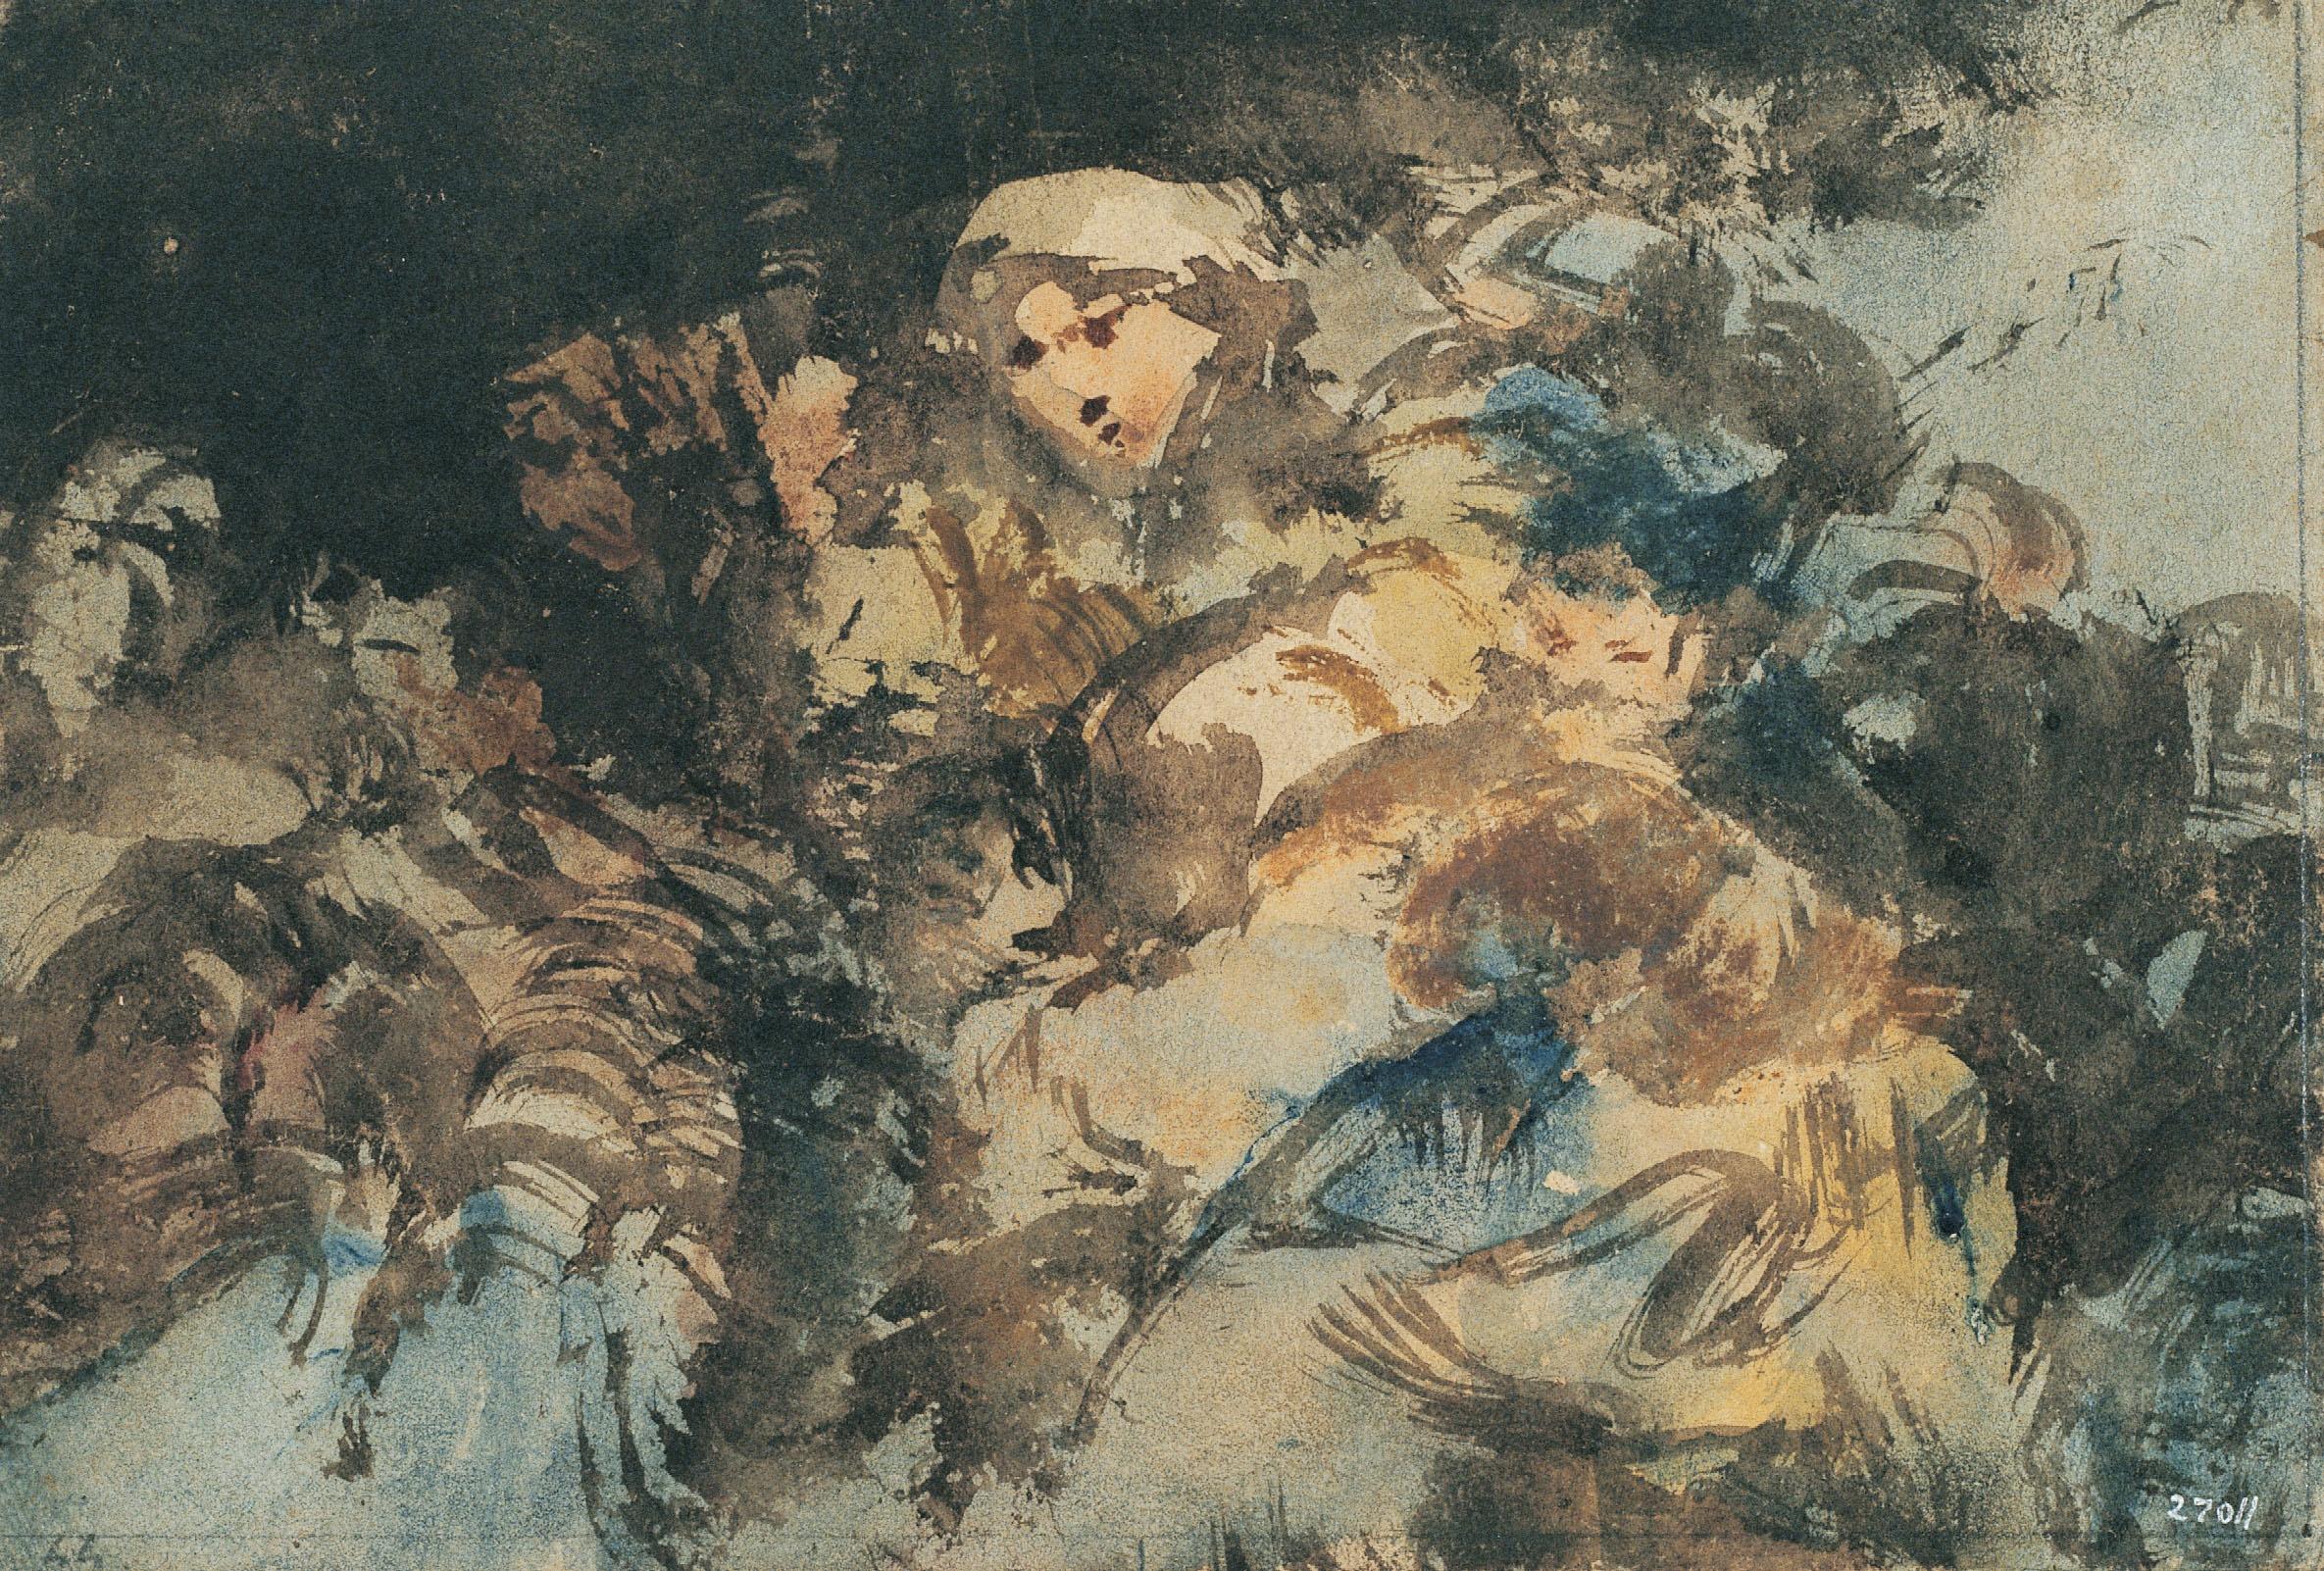 Eugenio Lucas Velázquez - Grup de bruixes [?] - Cap a 1850-1860